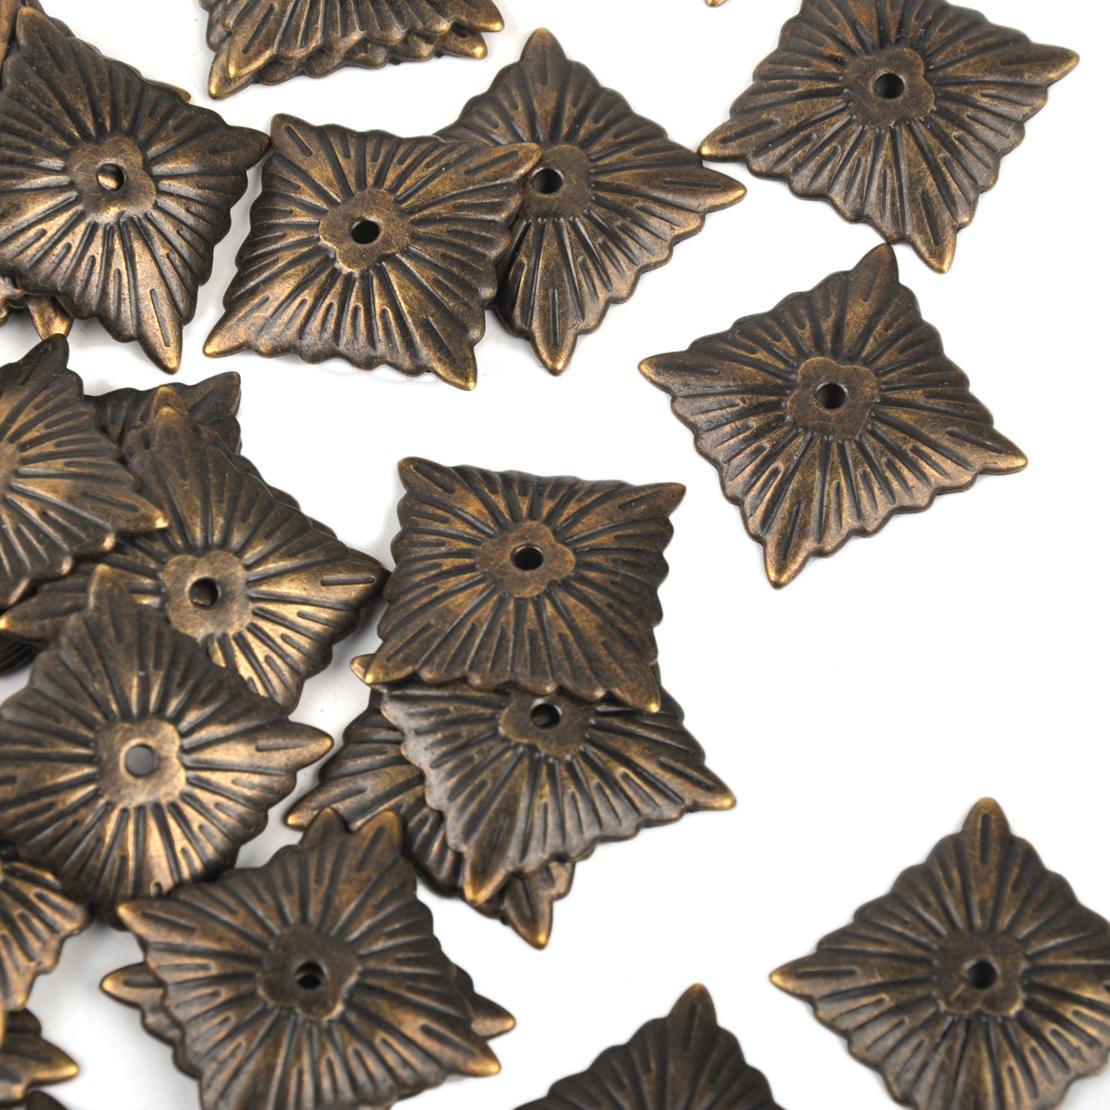 100stk Möbelnägel Bronze Farbe Ziernägel Viereck Polsternägel Schraube Nail Deko